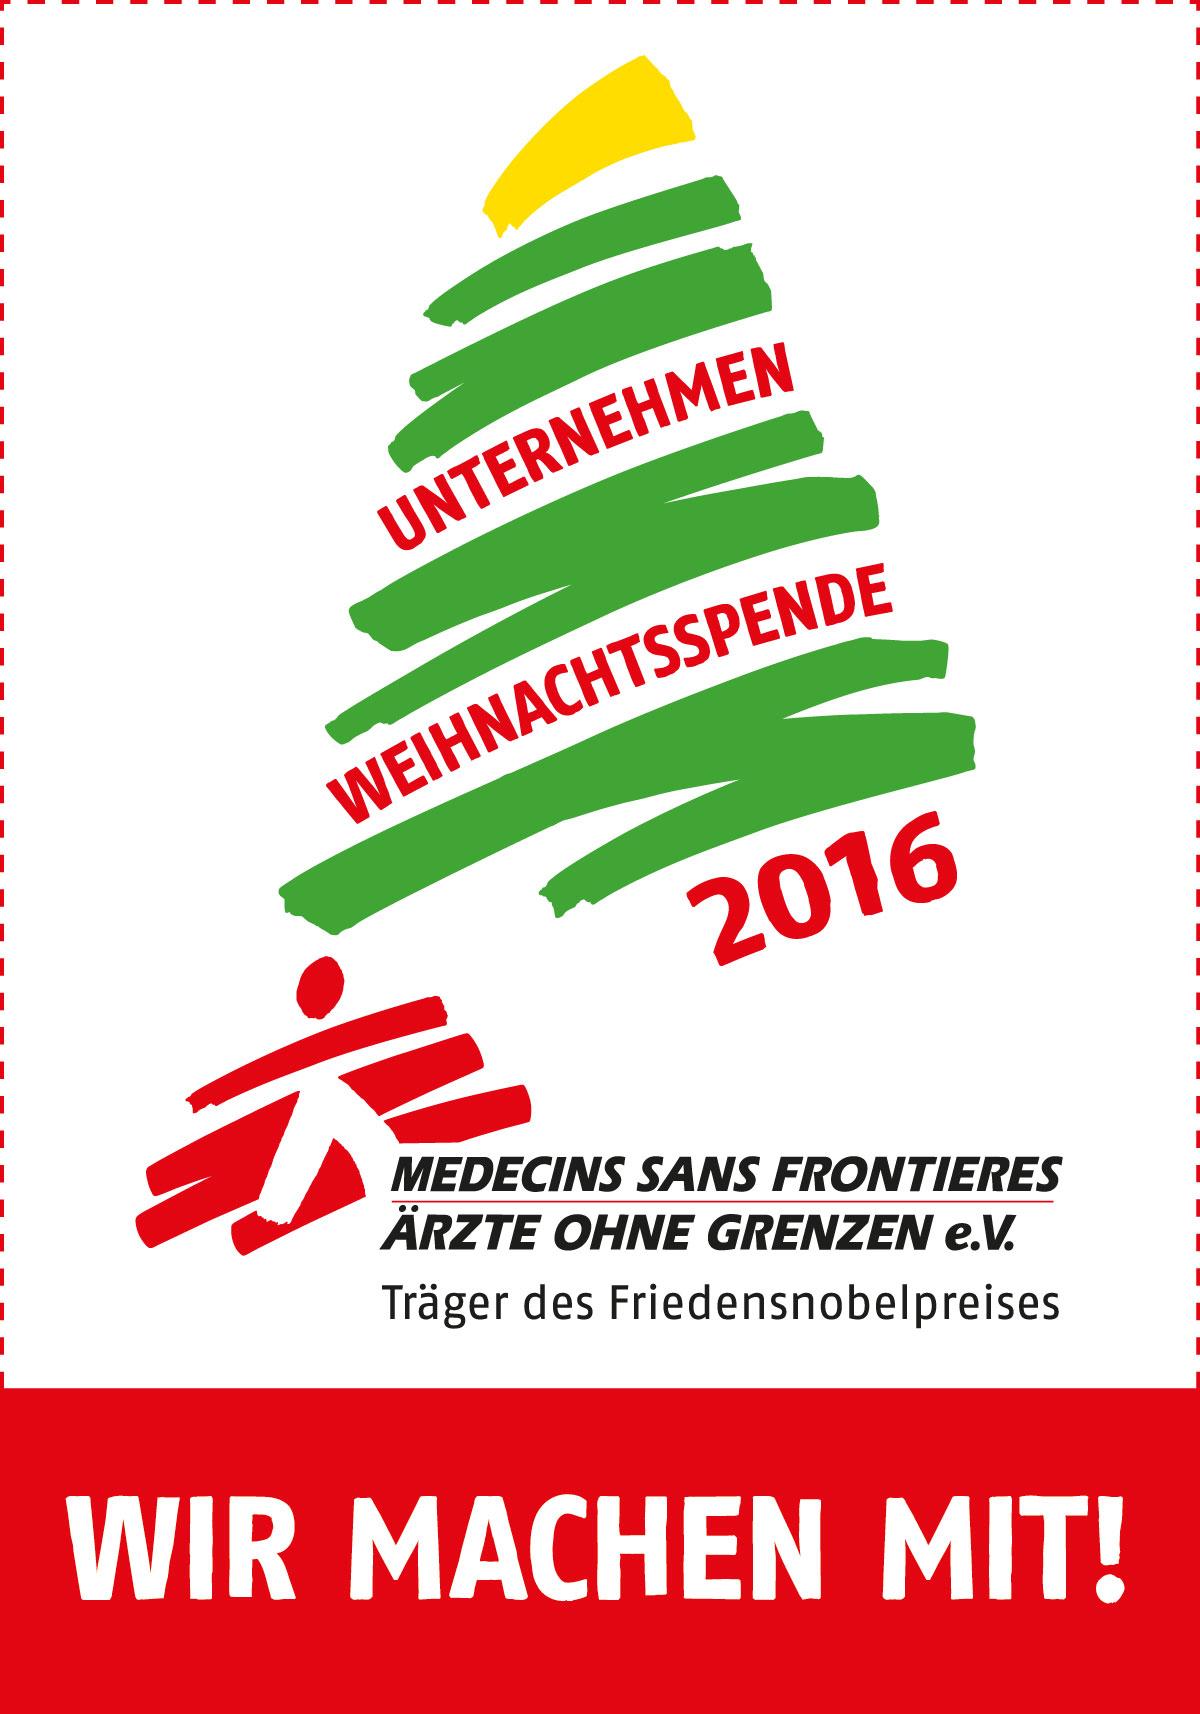 Unternehmen Weihnachtsspende 2016 - Ärzte ohne Grenzen